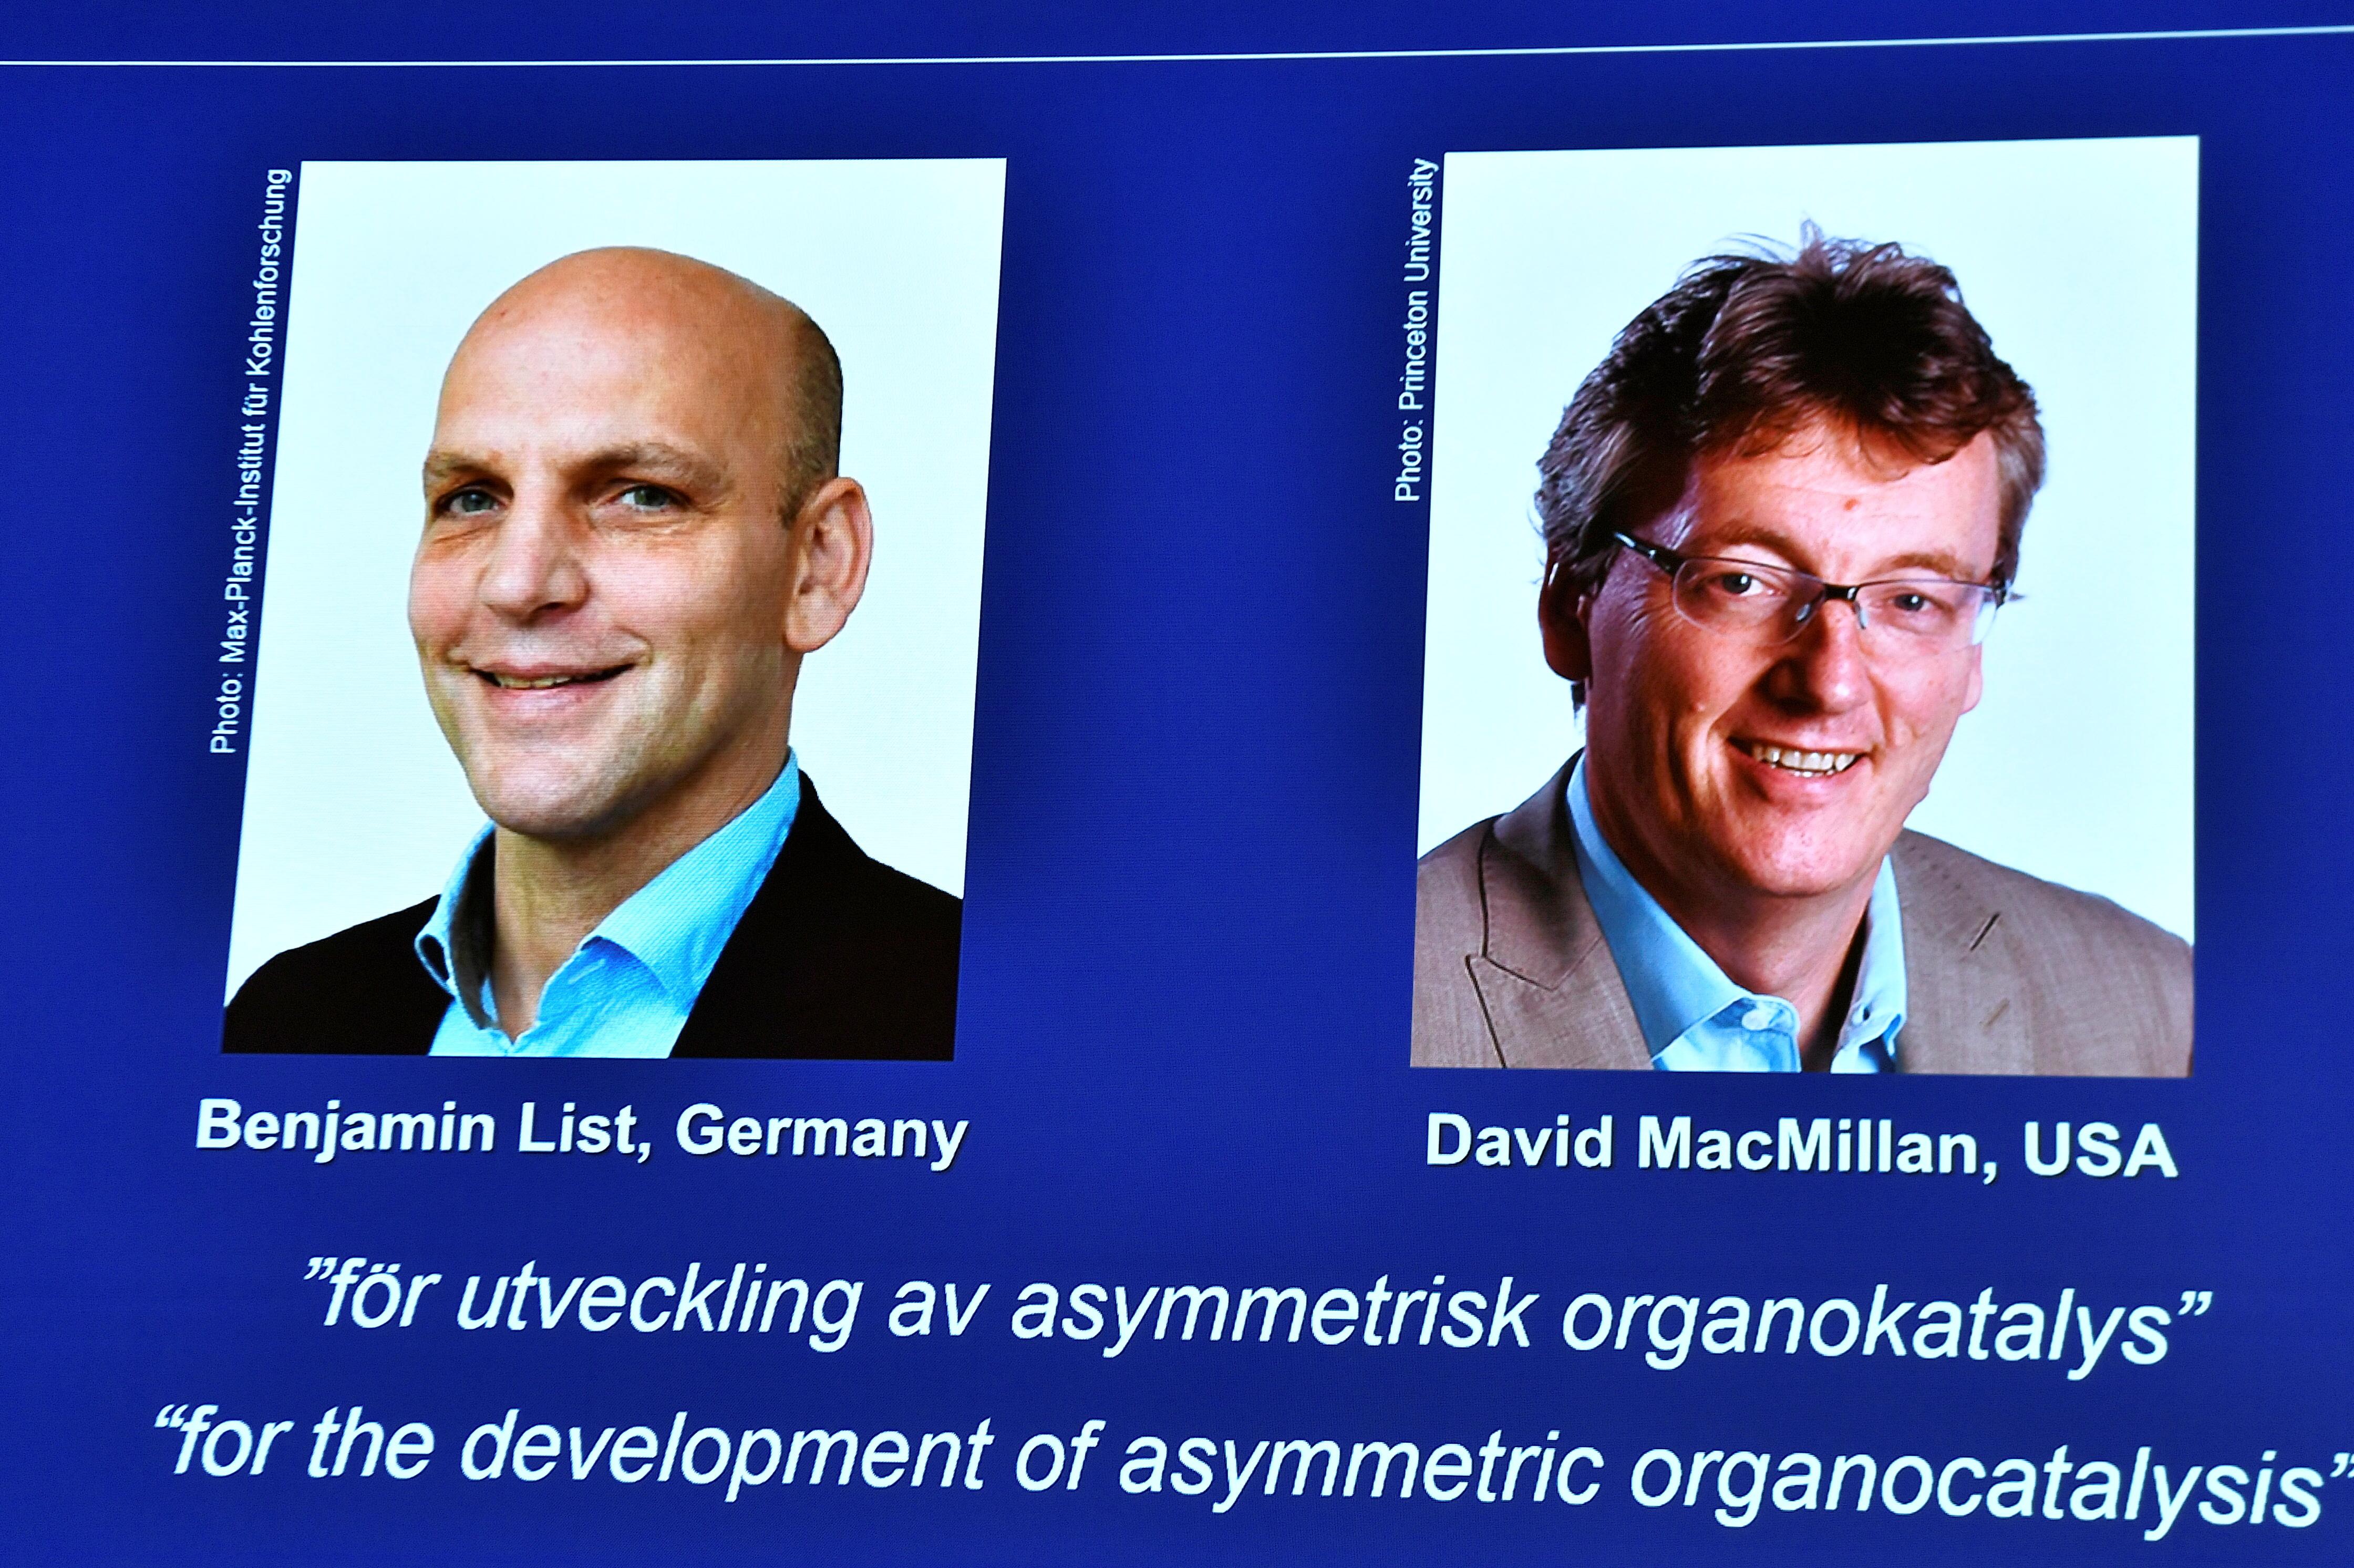 జర్మన్ అమెరికన్ శాస్త్రవేత్తలకు రసాయన నోబెల్  - German American Chemistry Scientists Win Nobel 2021